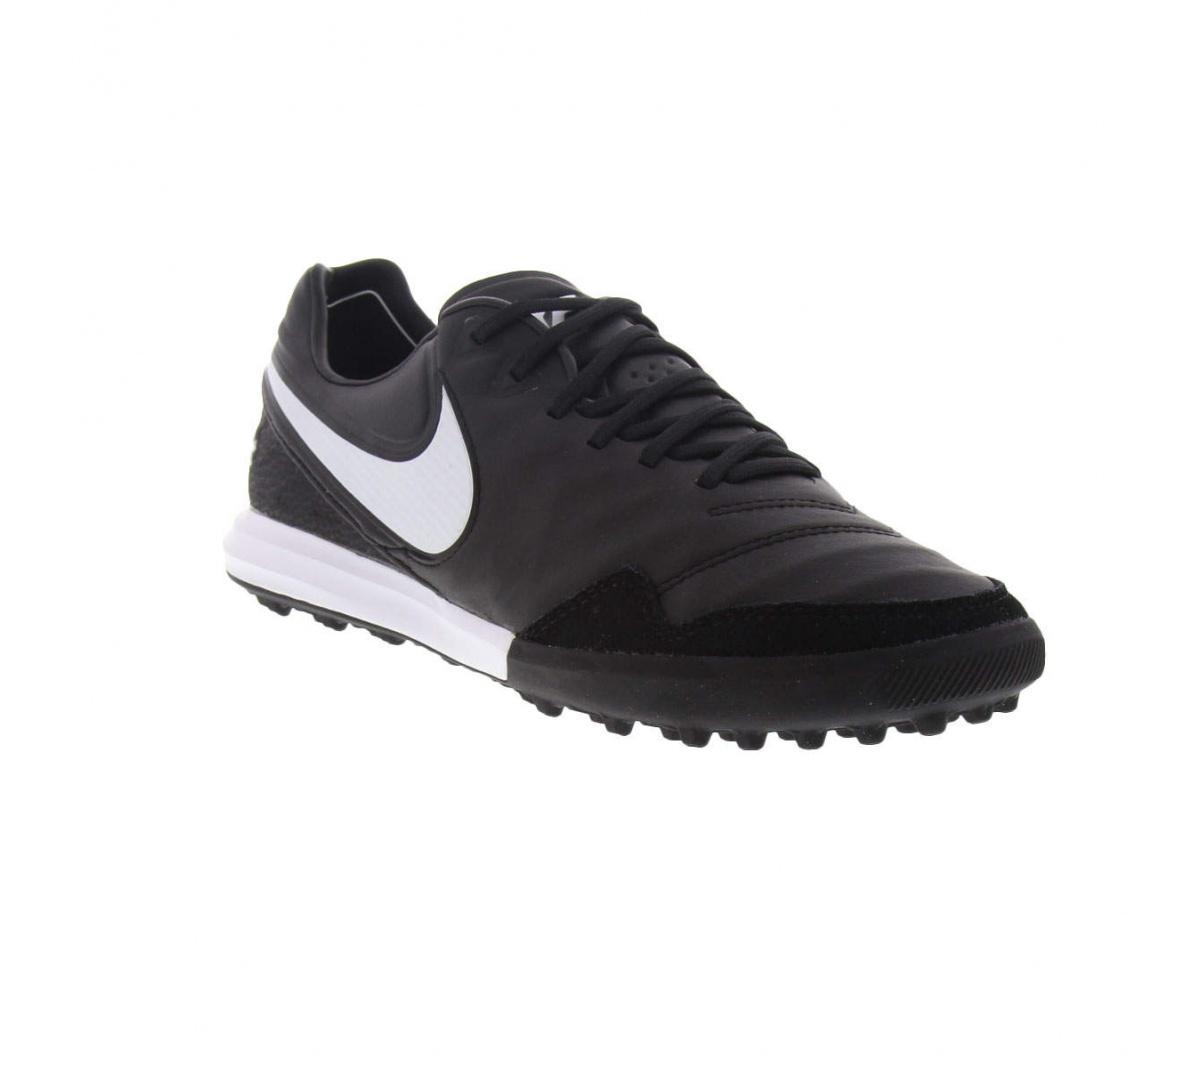 058463d508c8e Chuteira Nike Tiempox Proximo Society Chuteira Nike Tiempox Proximo Society  ...